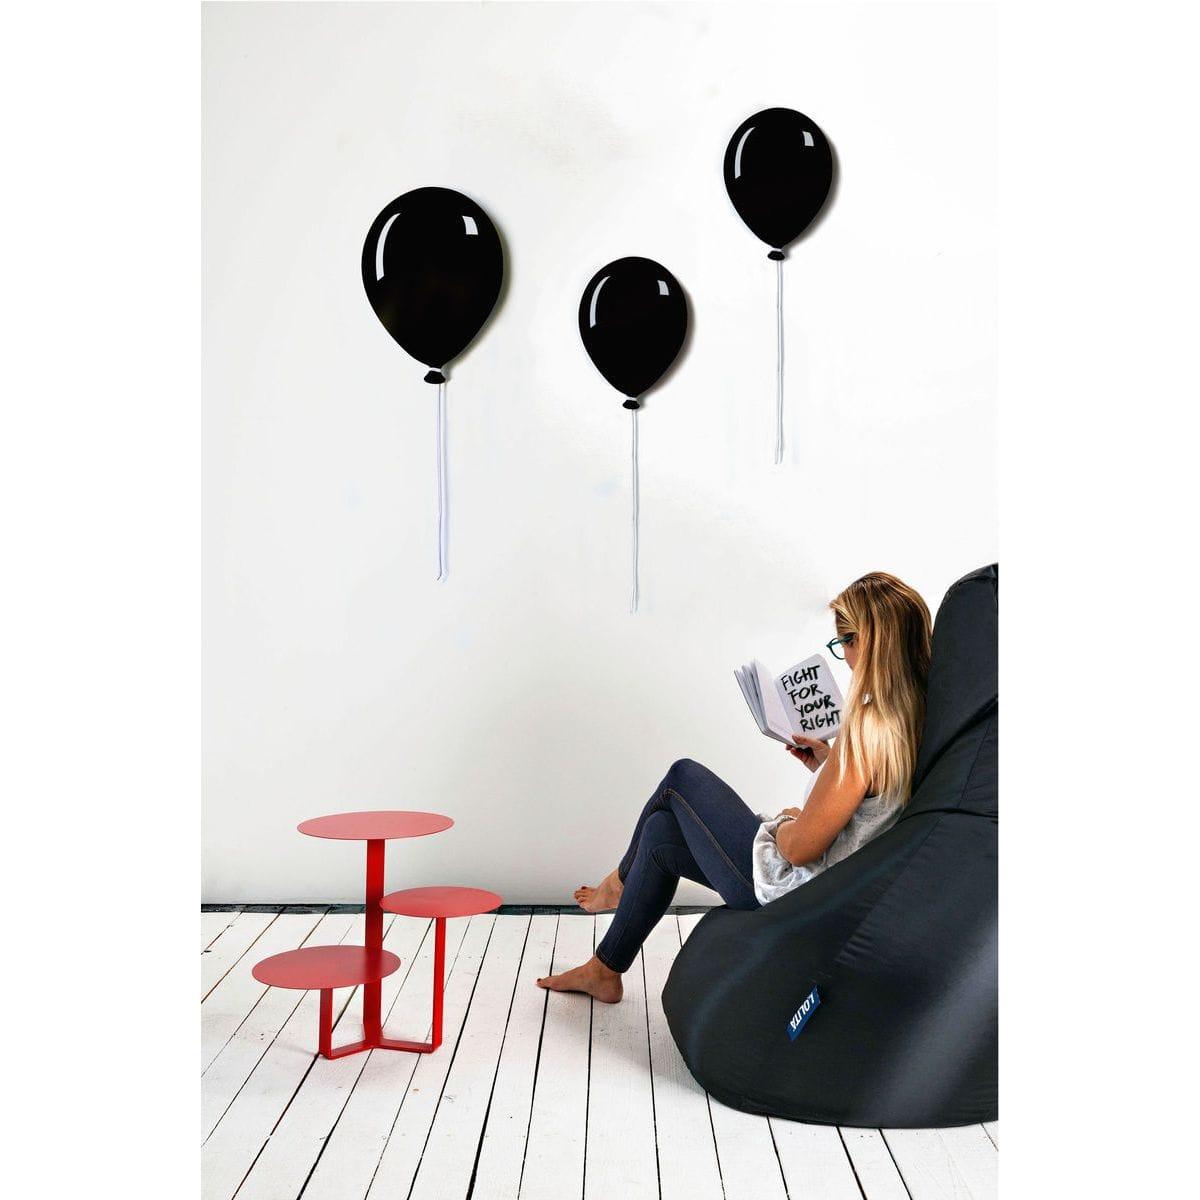 Pannelli da parete decorativi a forma di palloncino piatto con filo bianco di colore nero